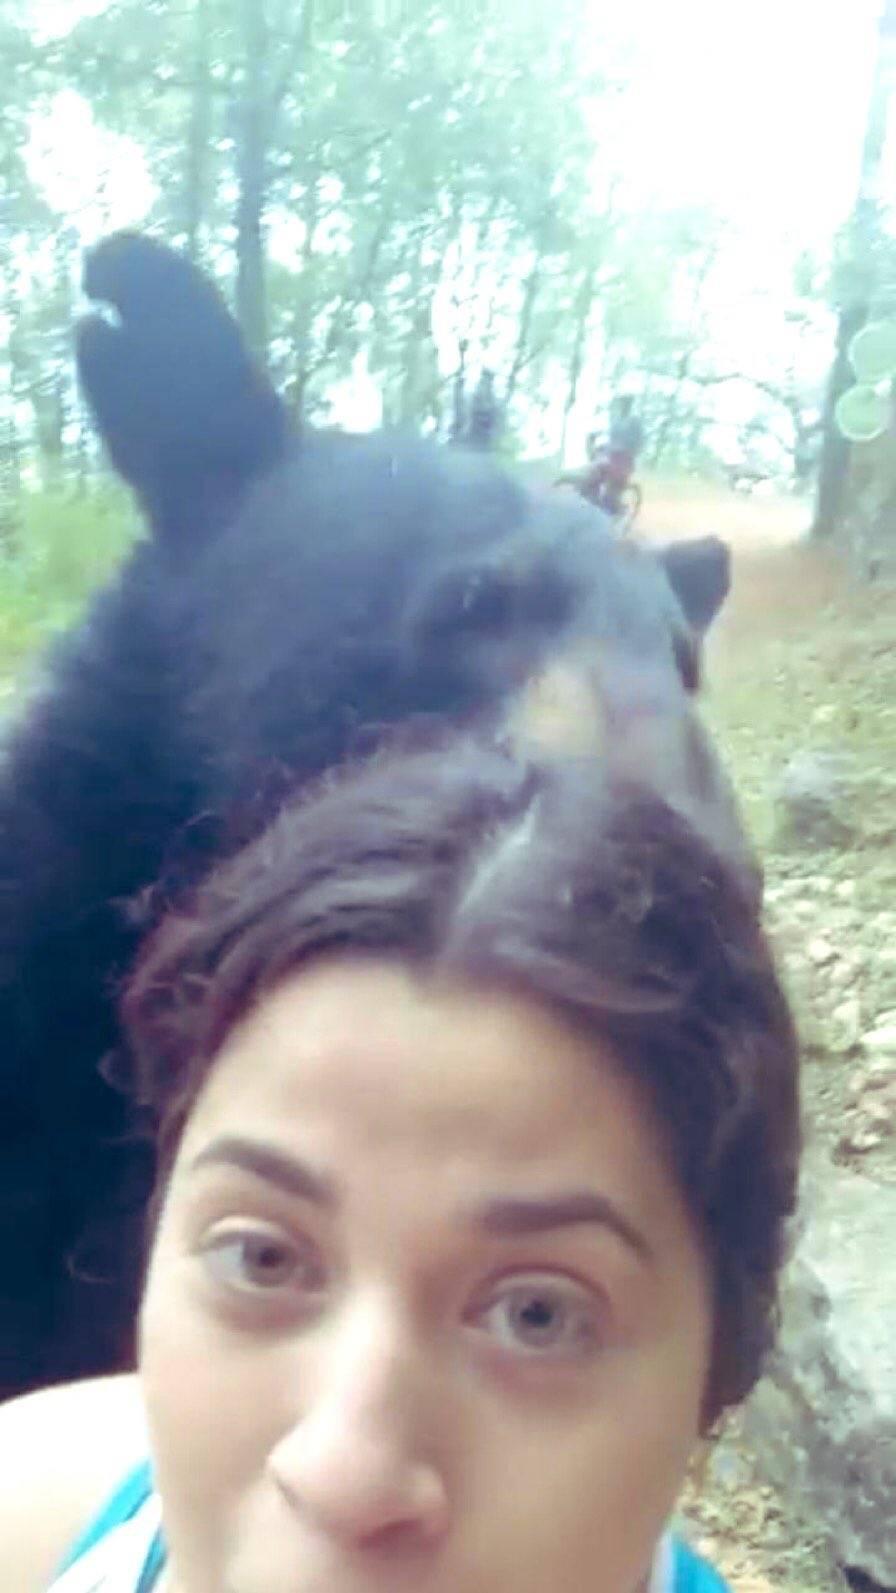 Critican a joven que se tomo una selfie con un oso en Nuevo León